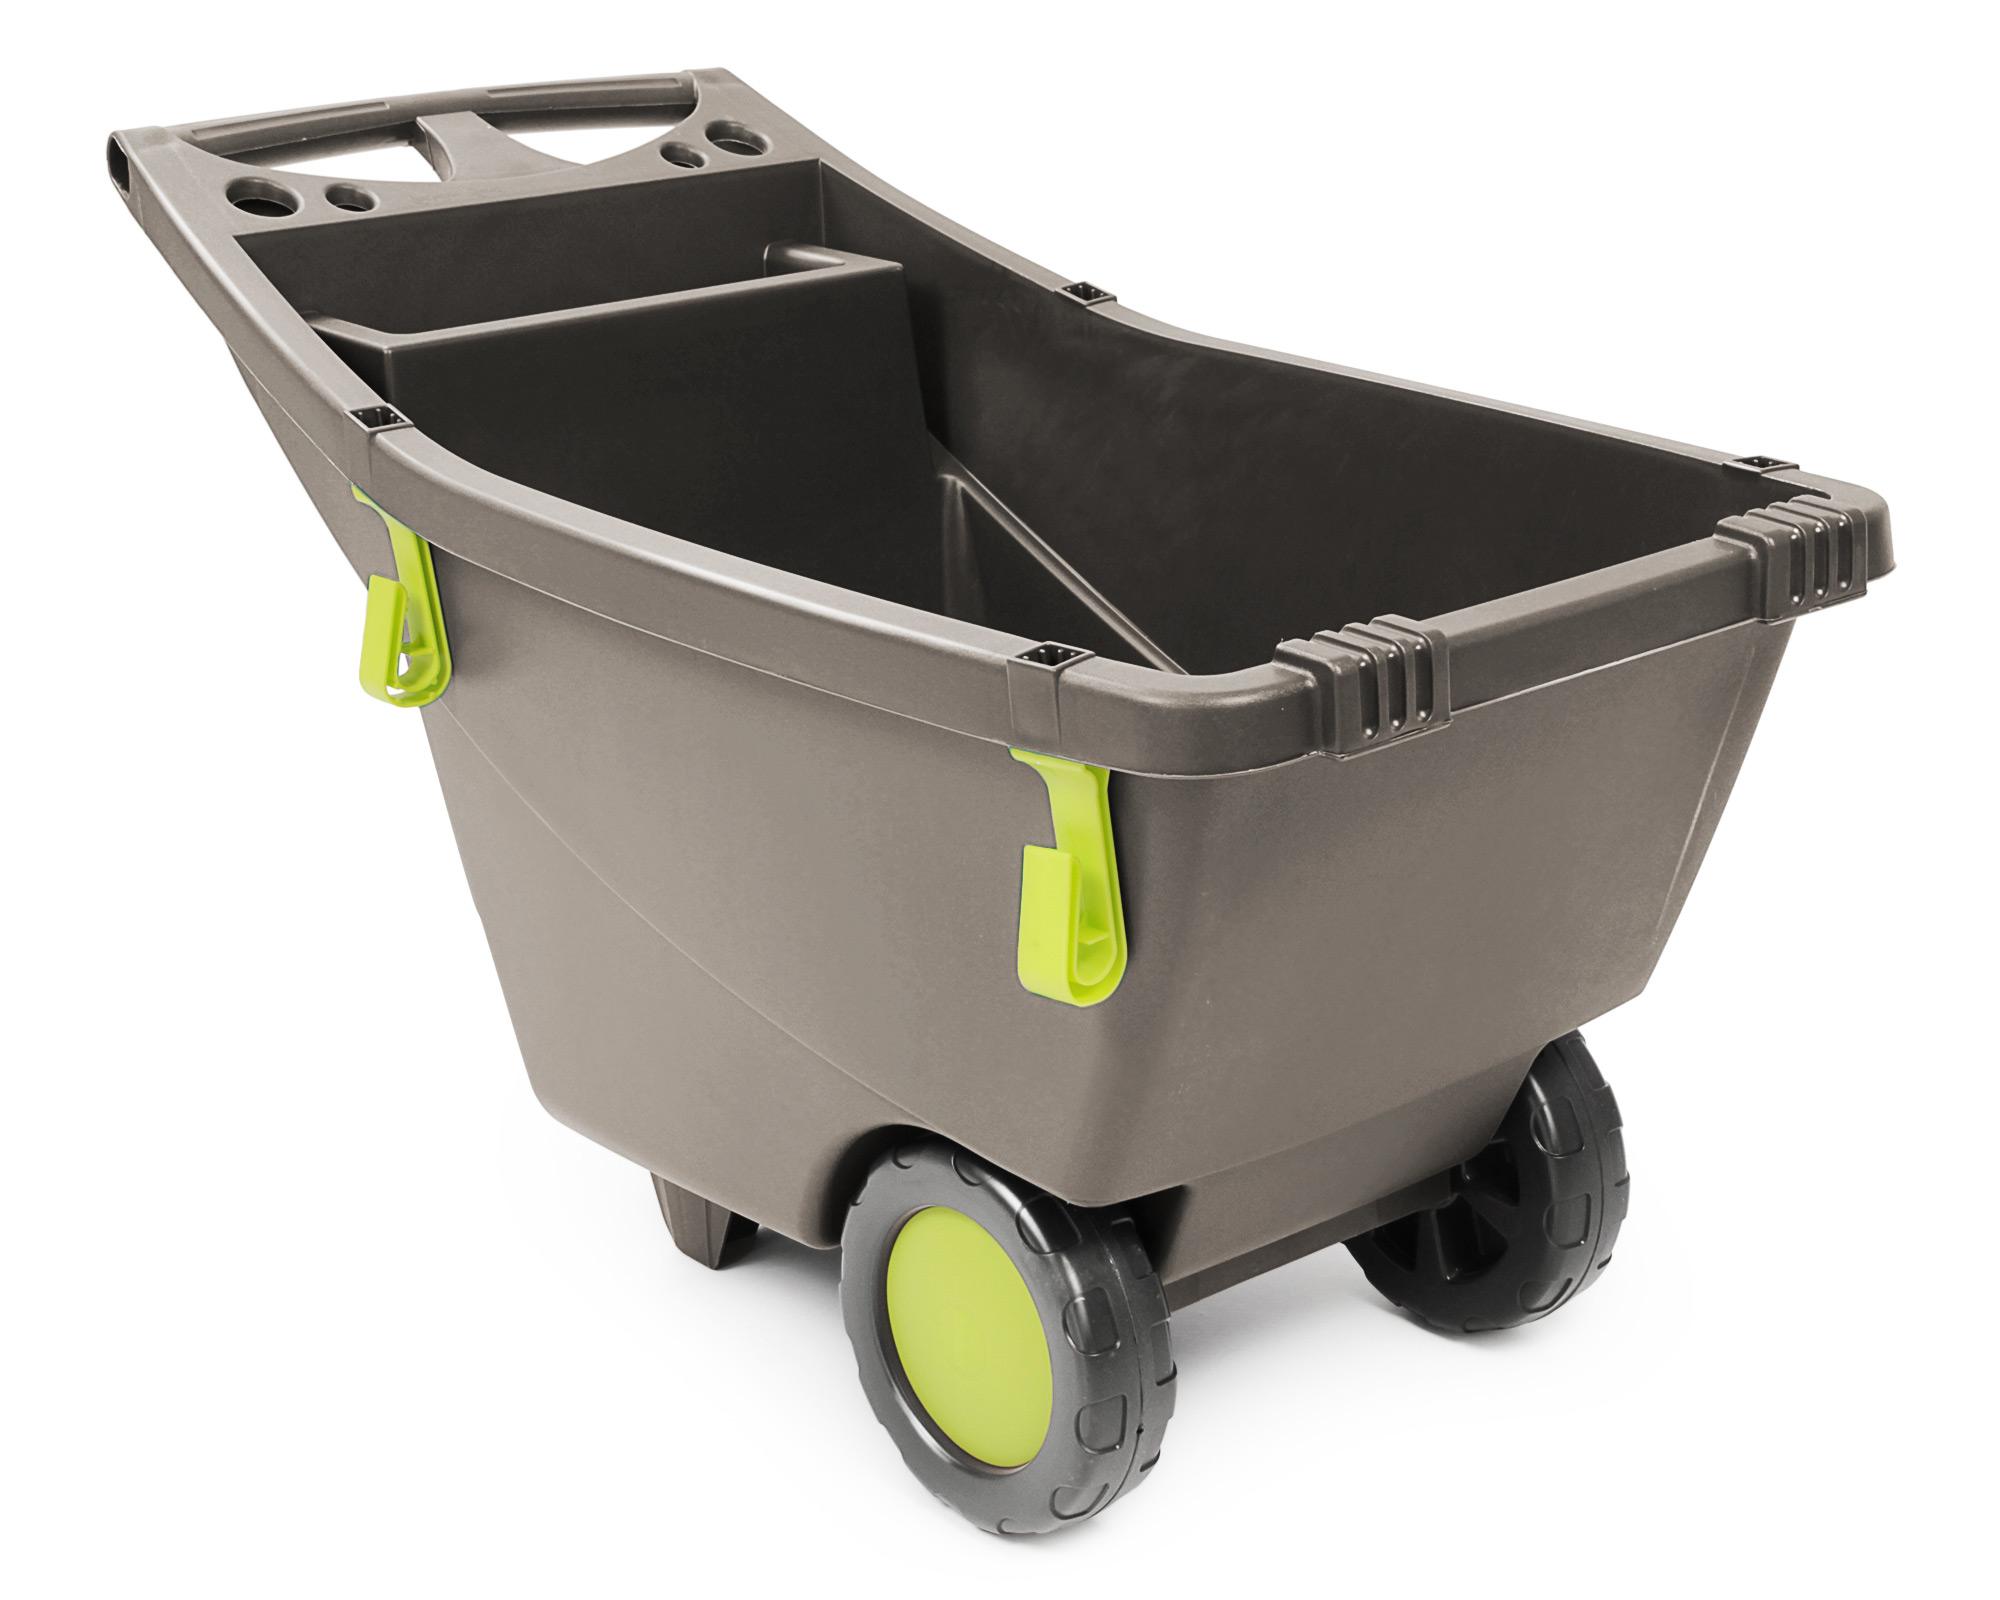 Prächtig Ondis24 Schubkarre Kunststoff Garten Trolley günstig online kaufen @PI_18